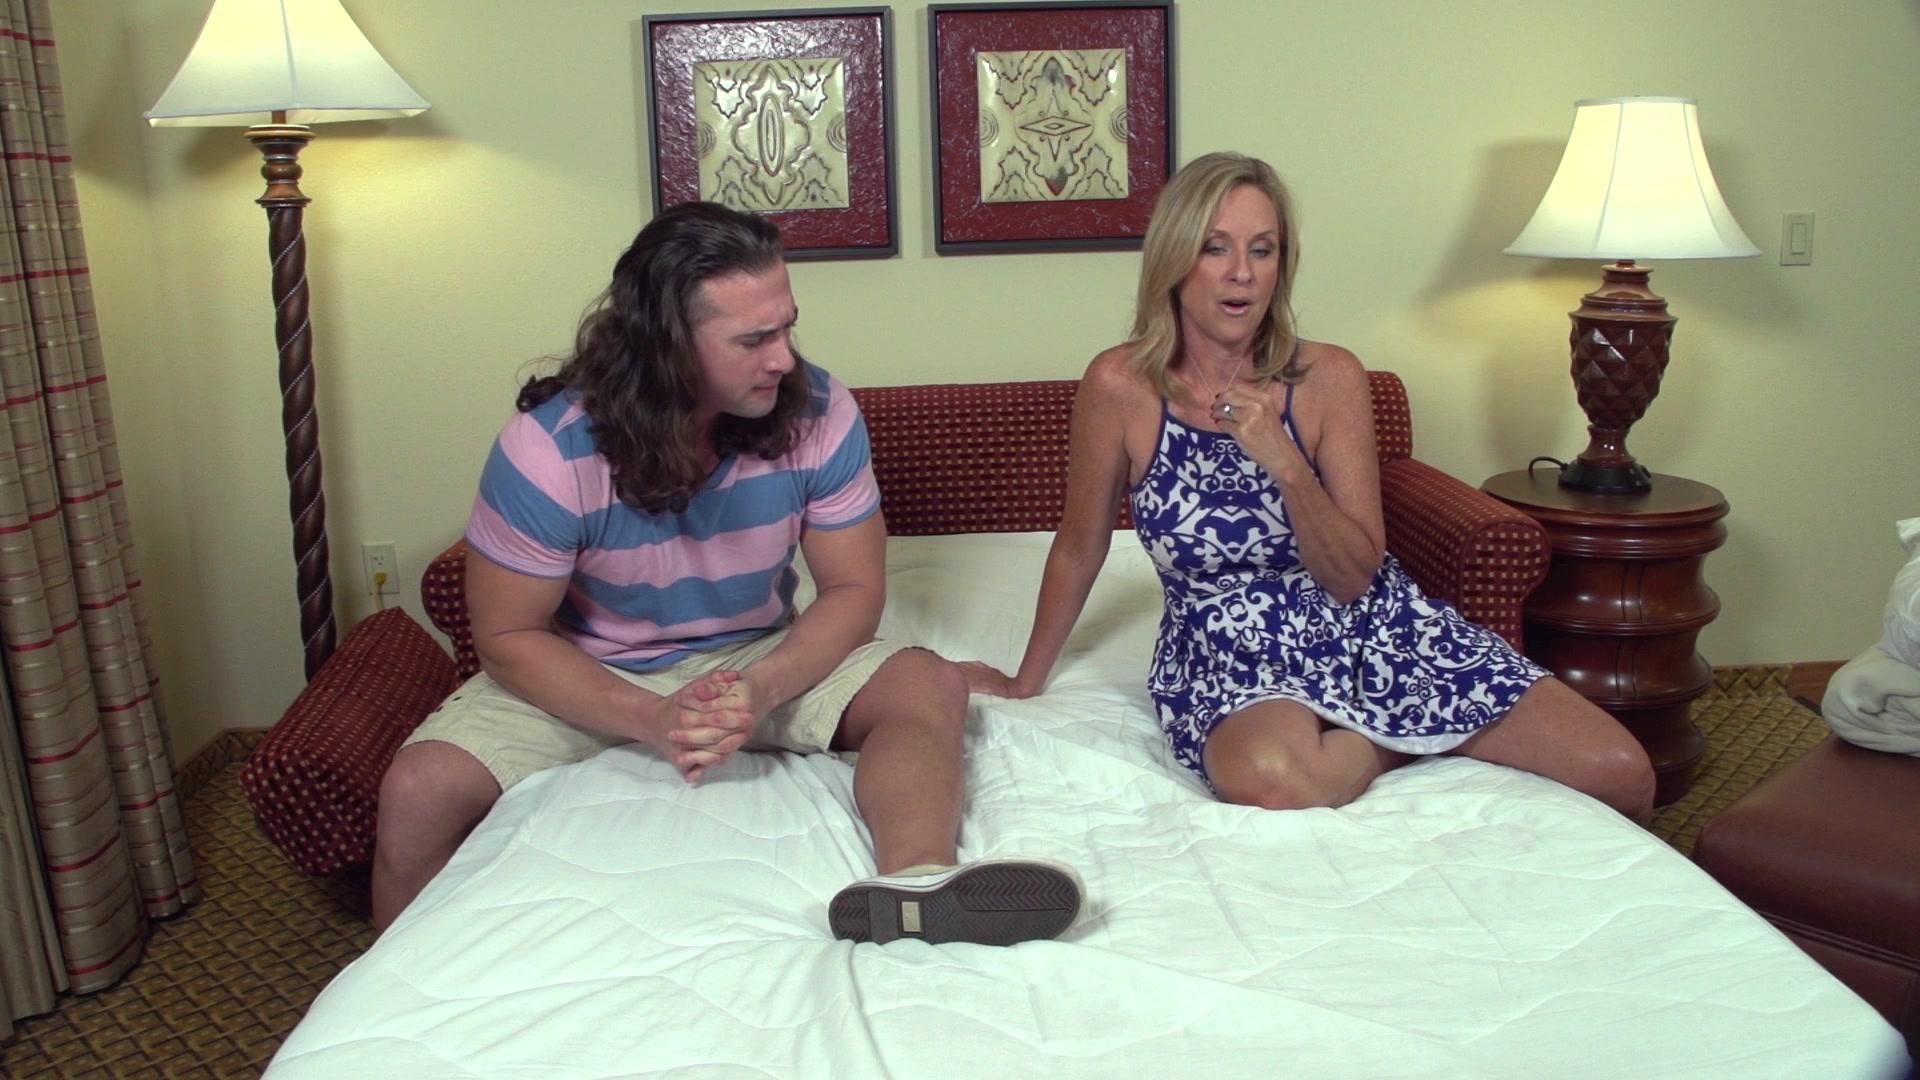 Смотреть hd сын ебет мать, Сын ебет мать: смотреть русское порно видео онлайн 10 фотография